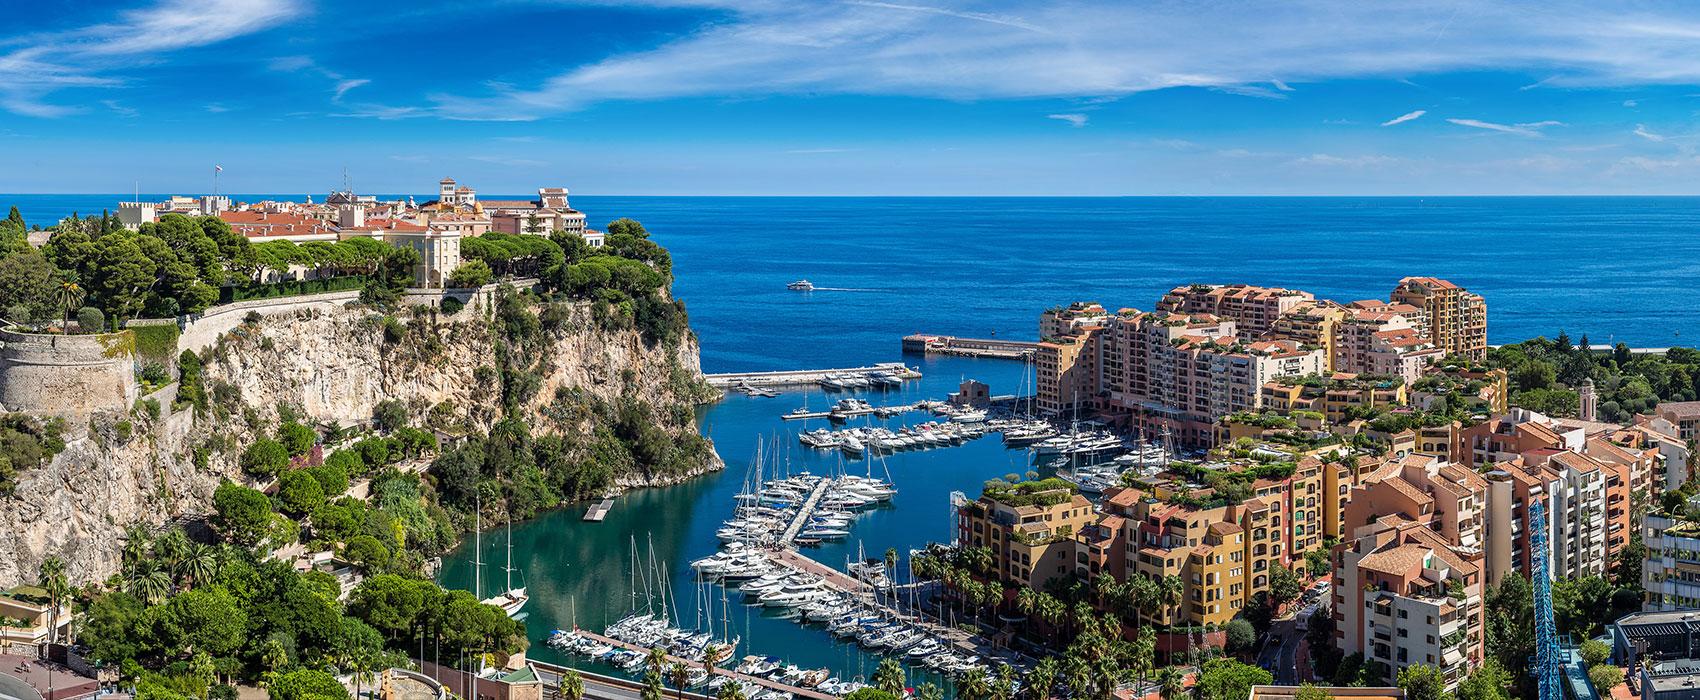 Desire Barcelona - Rome Cruise